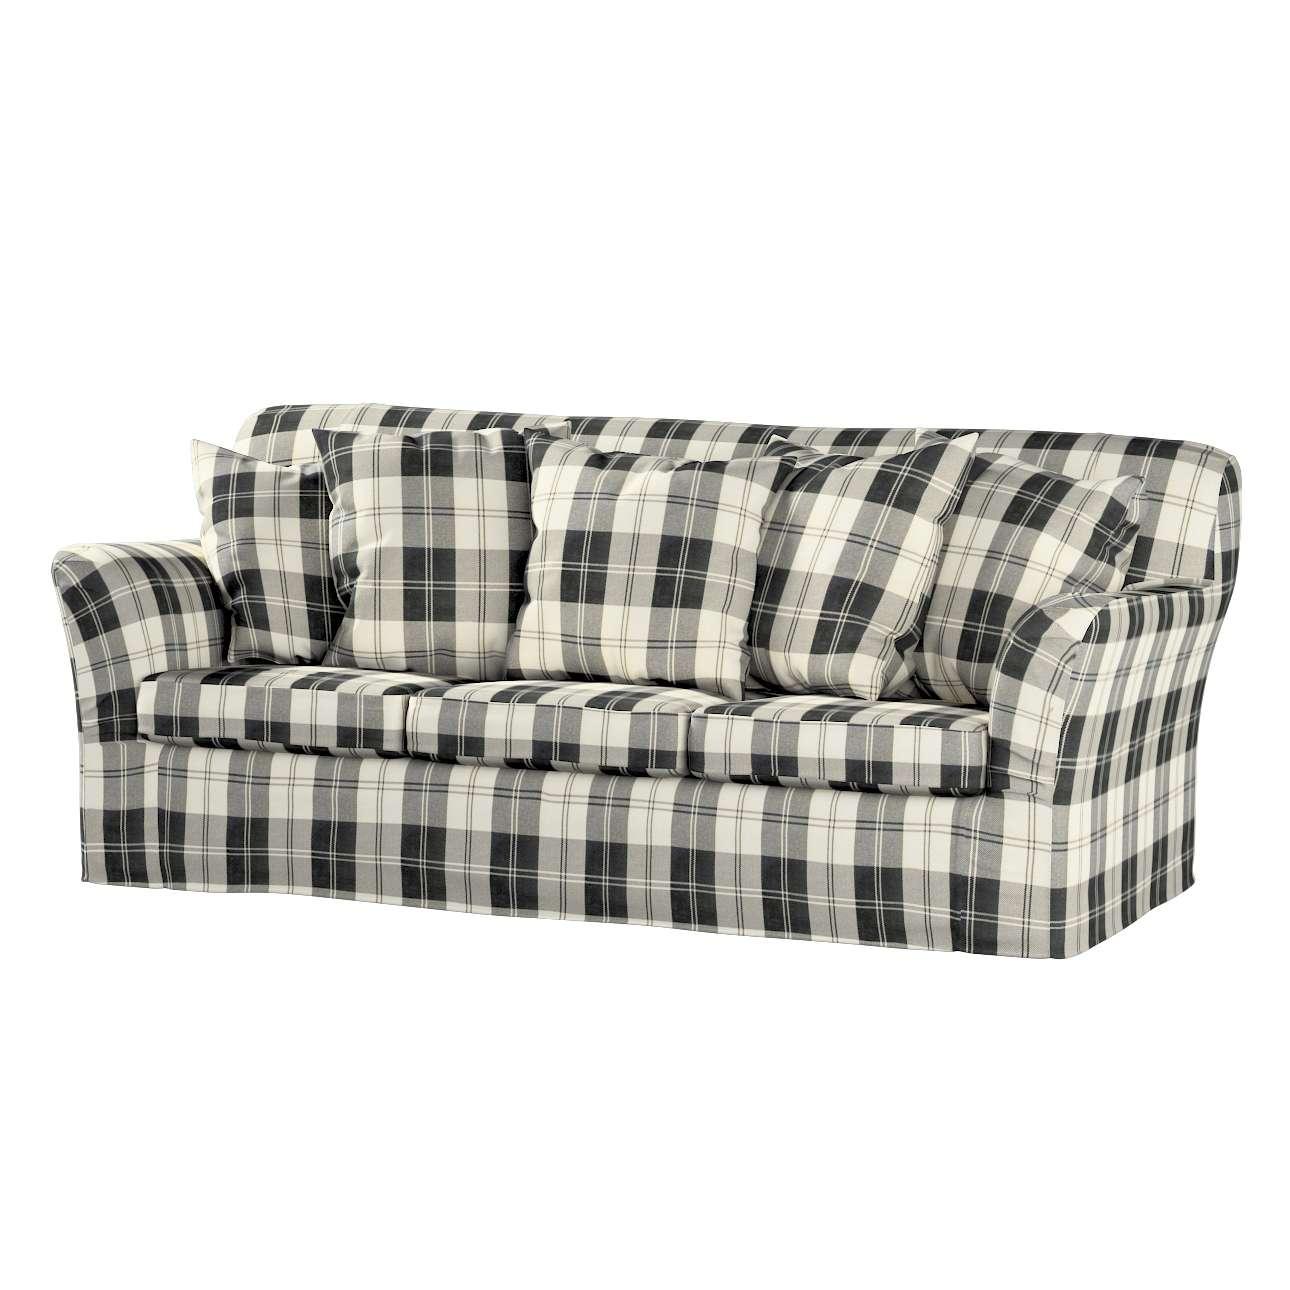 Tomelilla 3-Sitzer Sofabezug nicht ausklappbar Sofahusse, Tomelilla 3-Sitzer von der Kollektion Edinburgh , Stoff: 115-74